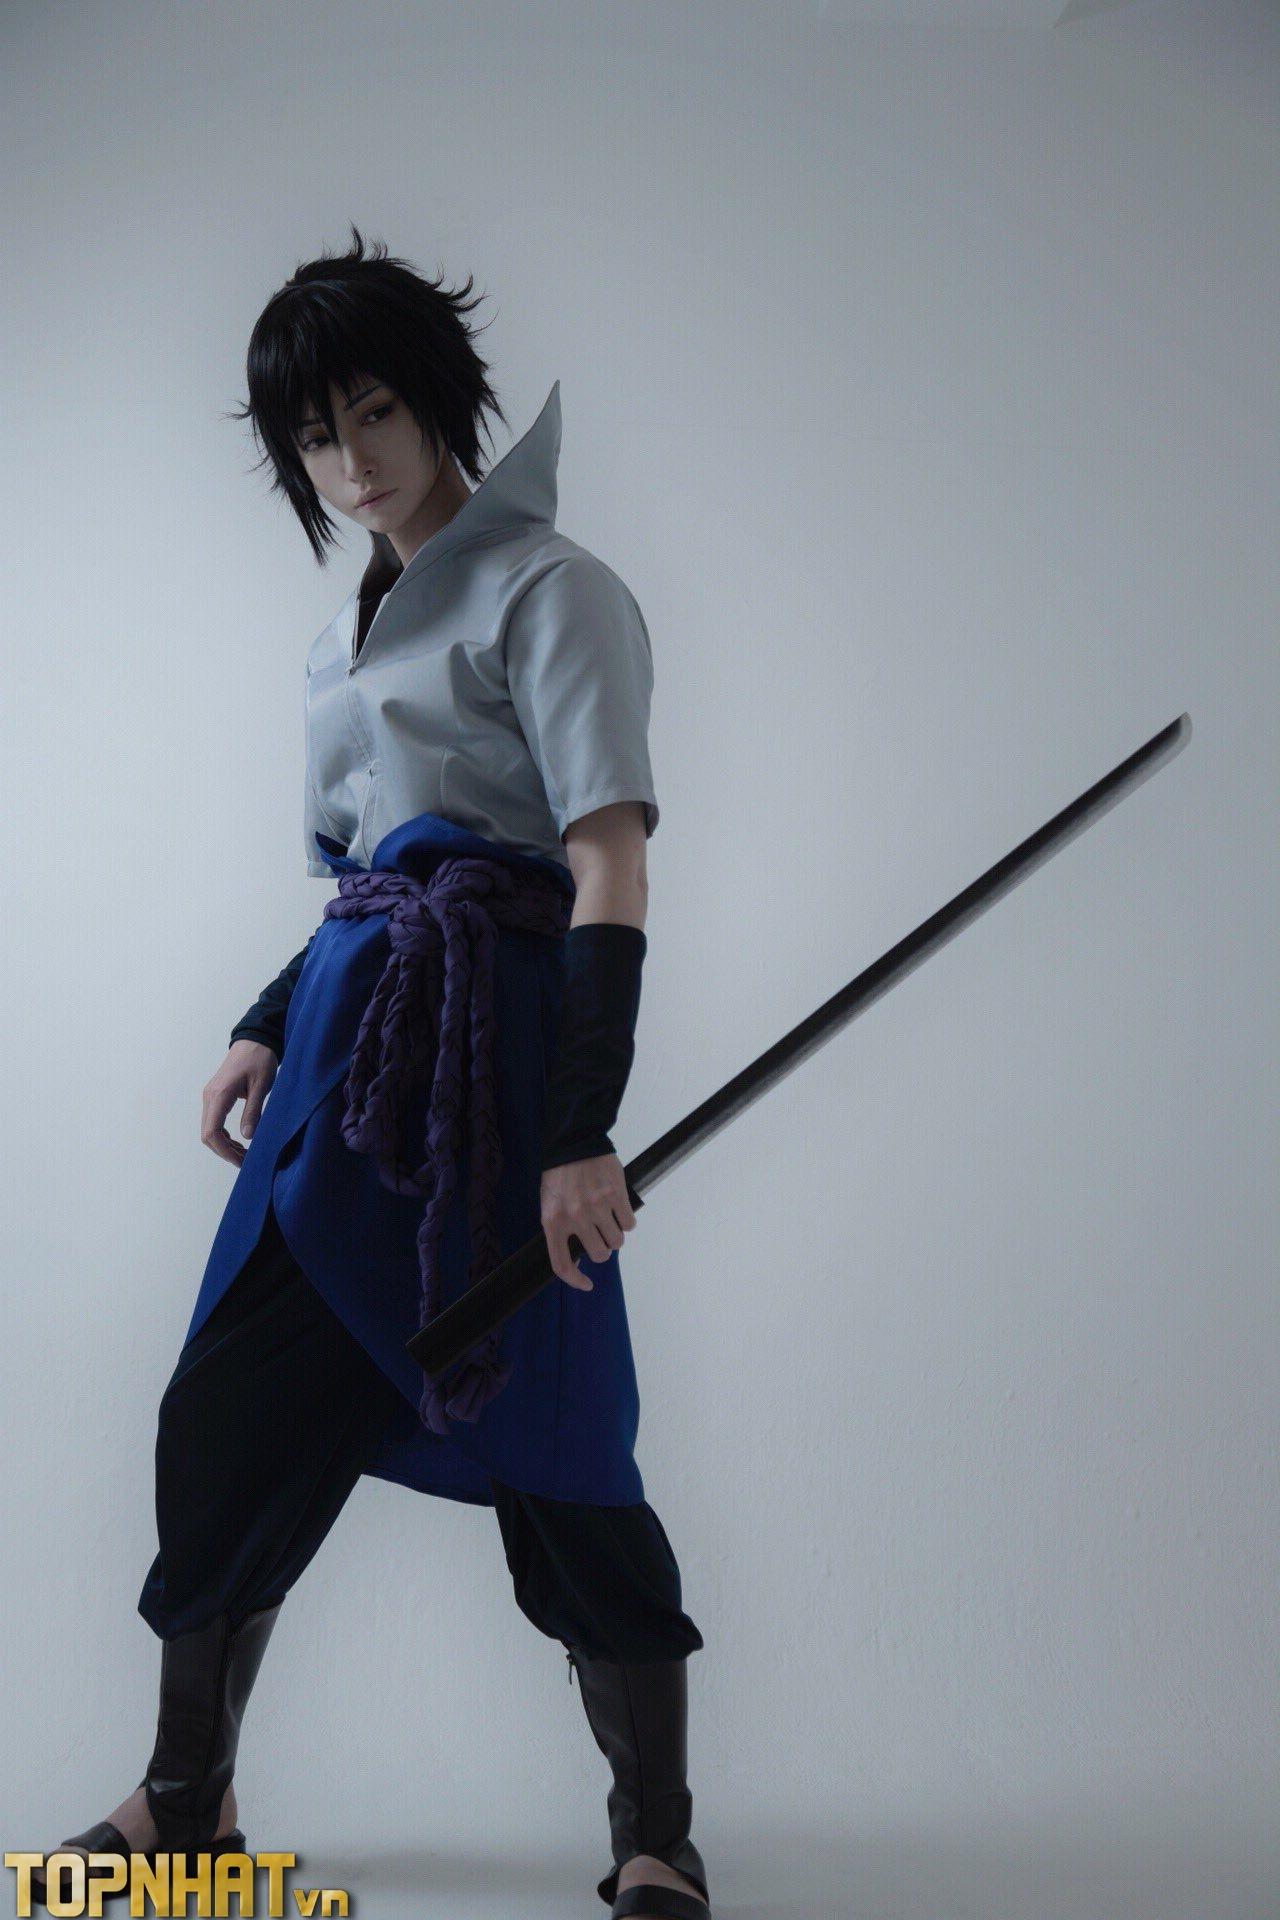 Cosplay Uchiha Sasuke Shippuden - Ảnh 2